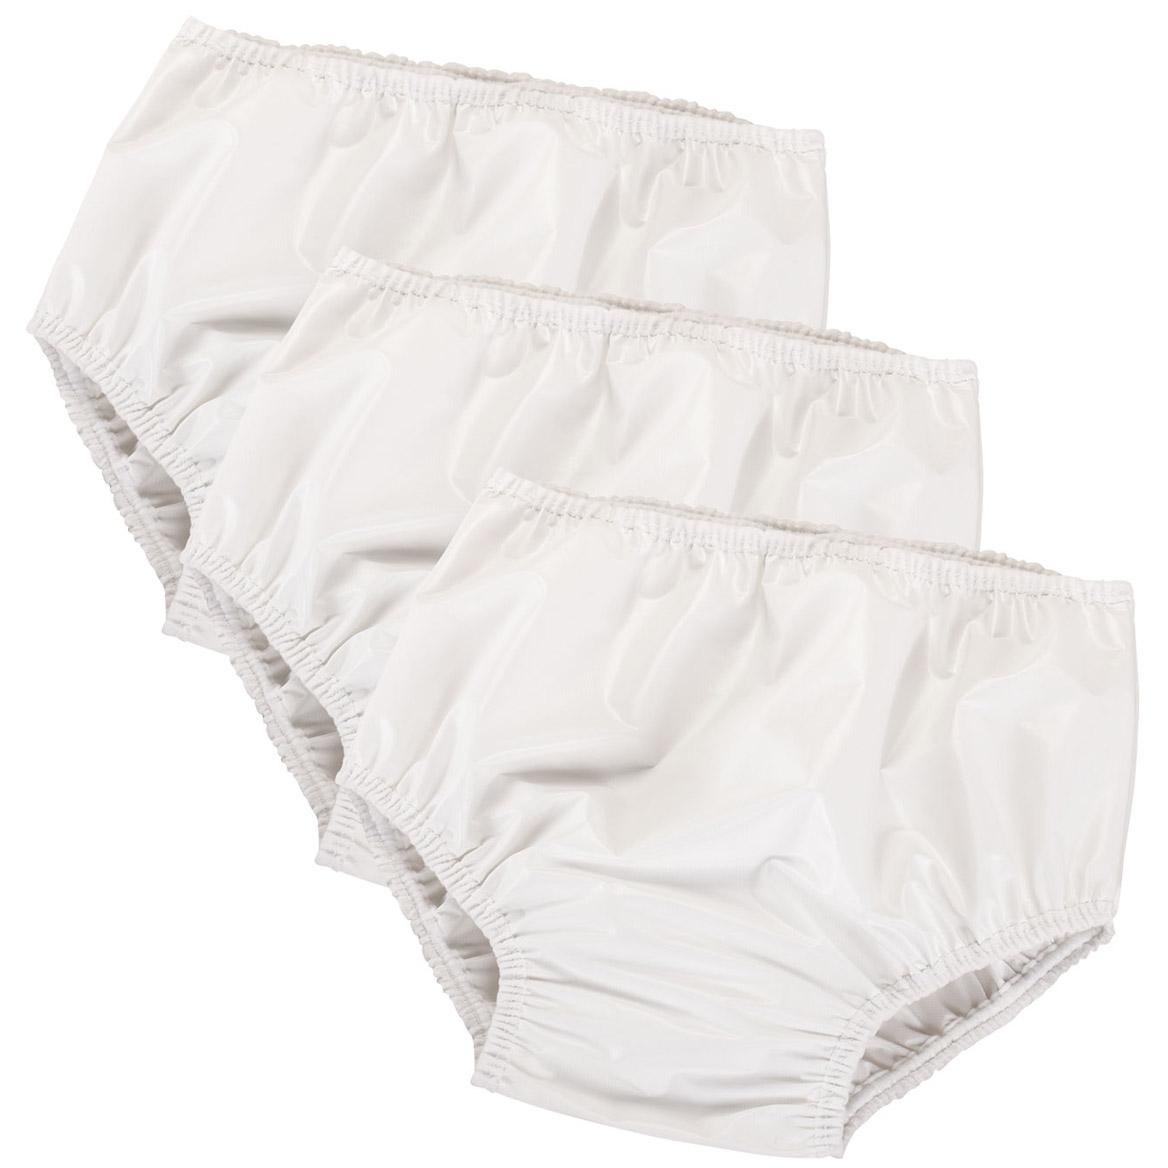 Sani Pant Pull On, 3 pack-351633